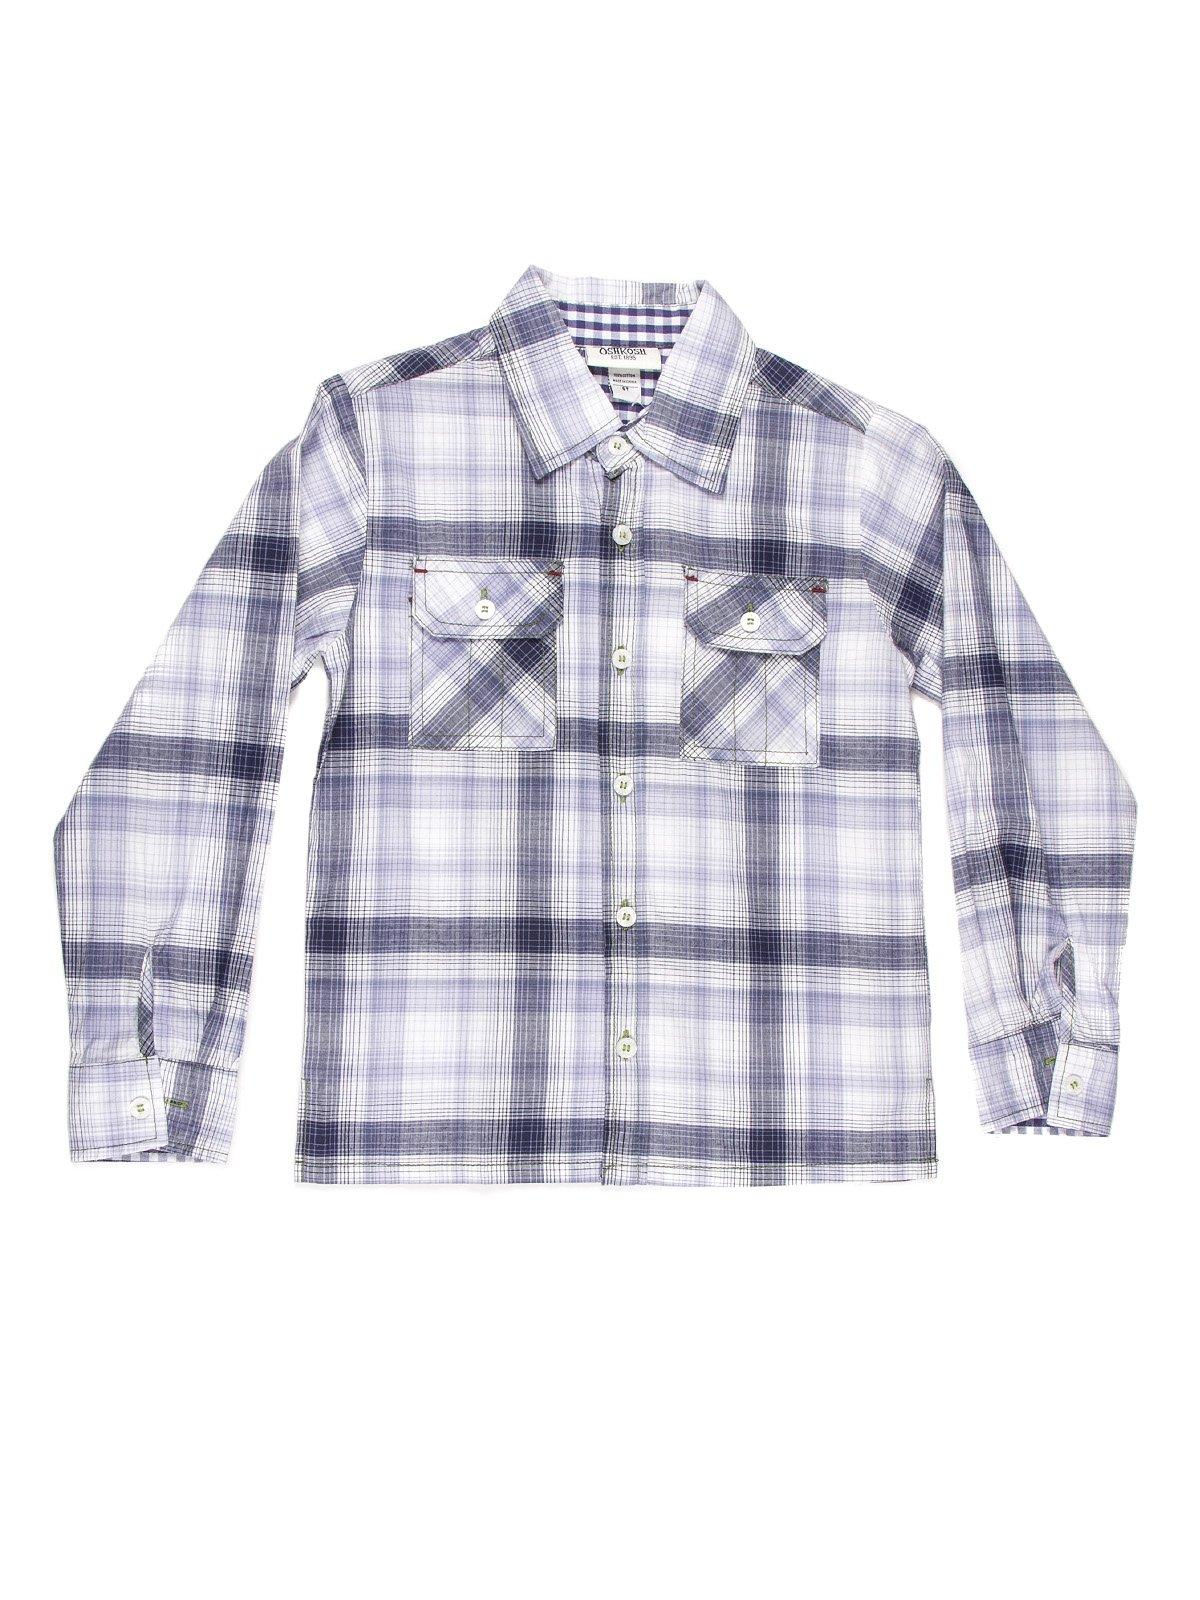 Рубашка клетчатая | 754880